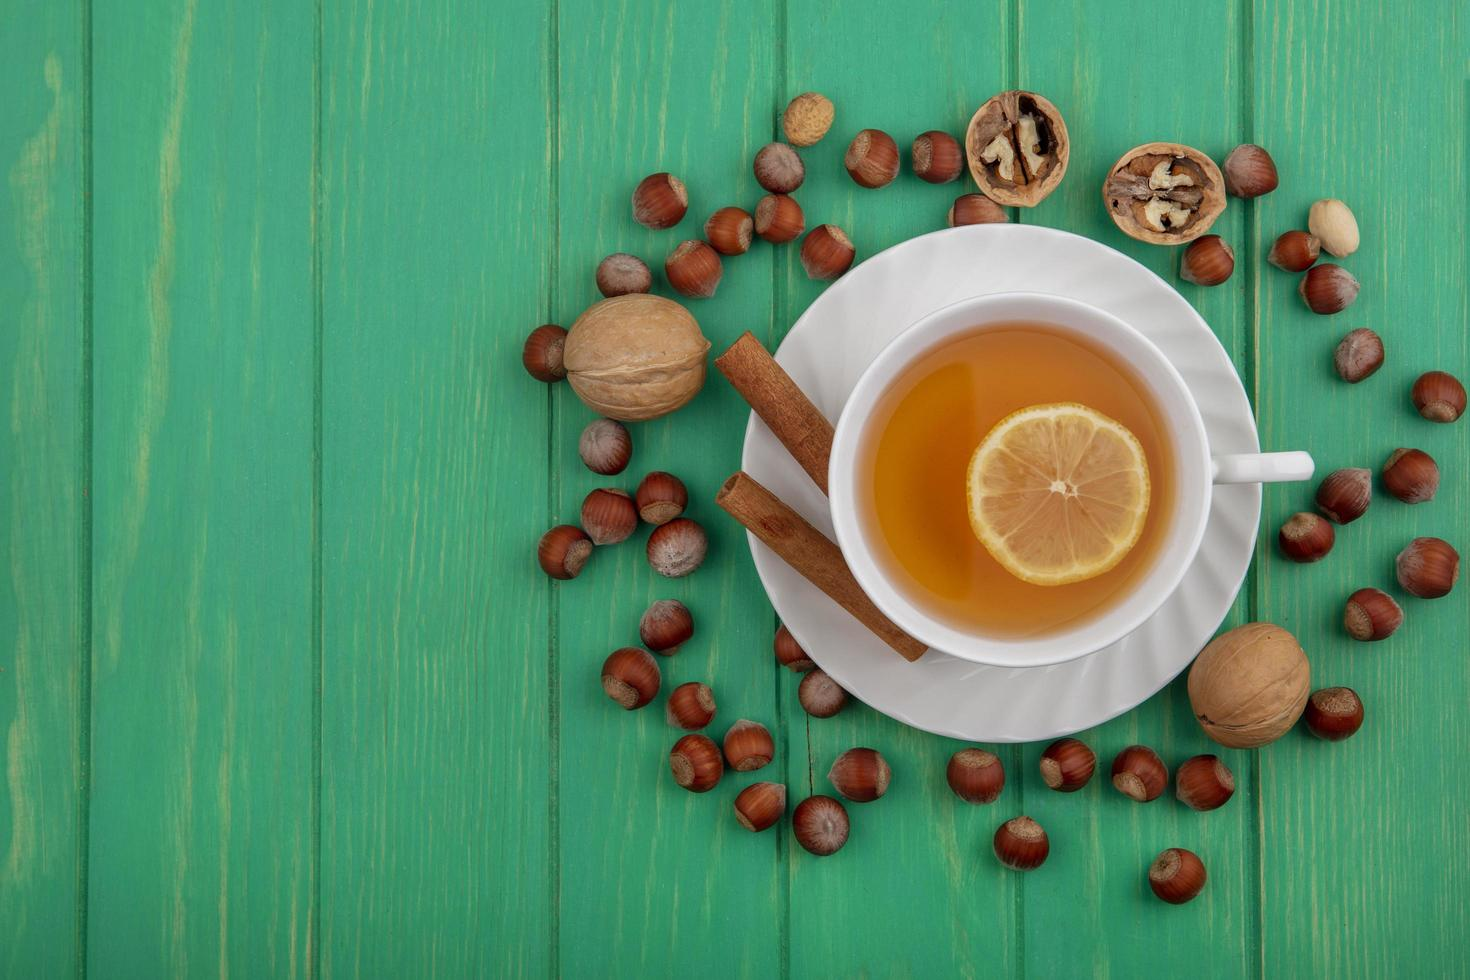 Fotografía de alimentos laicos plana de una taza de té y nueces sobre fondo de madera foto